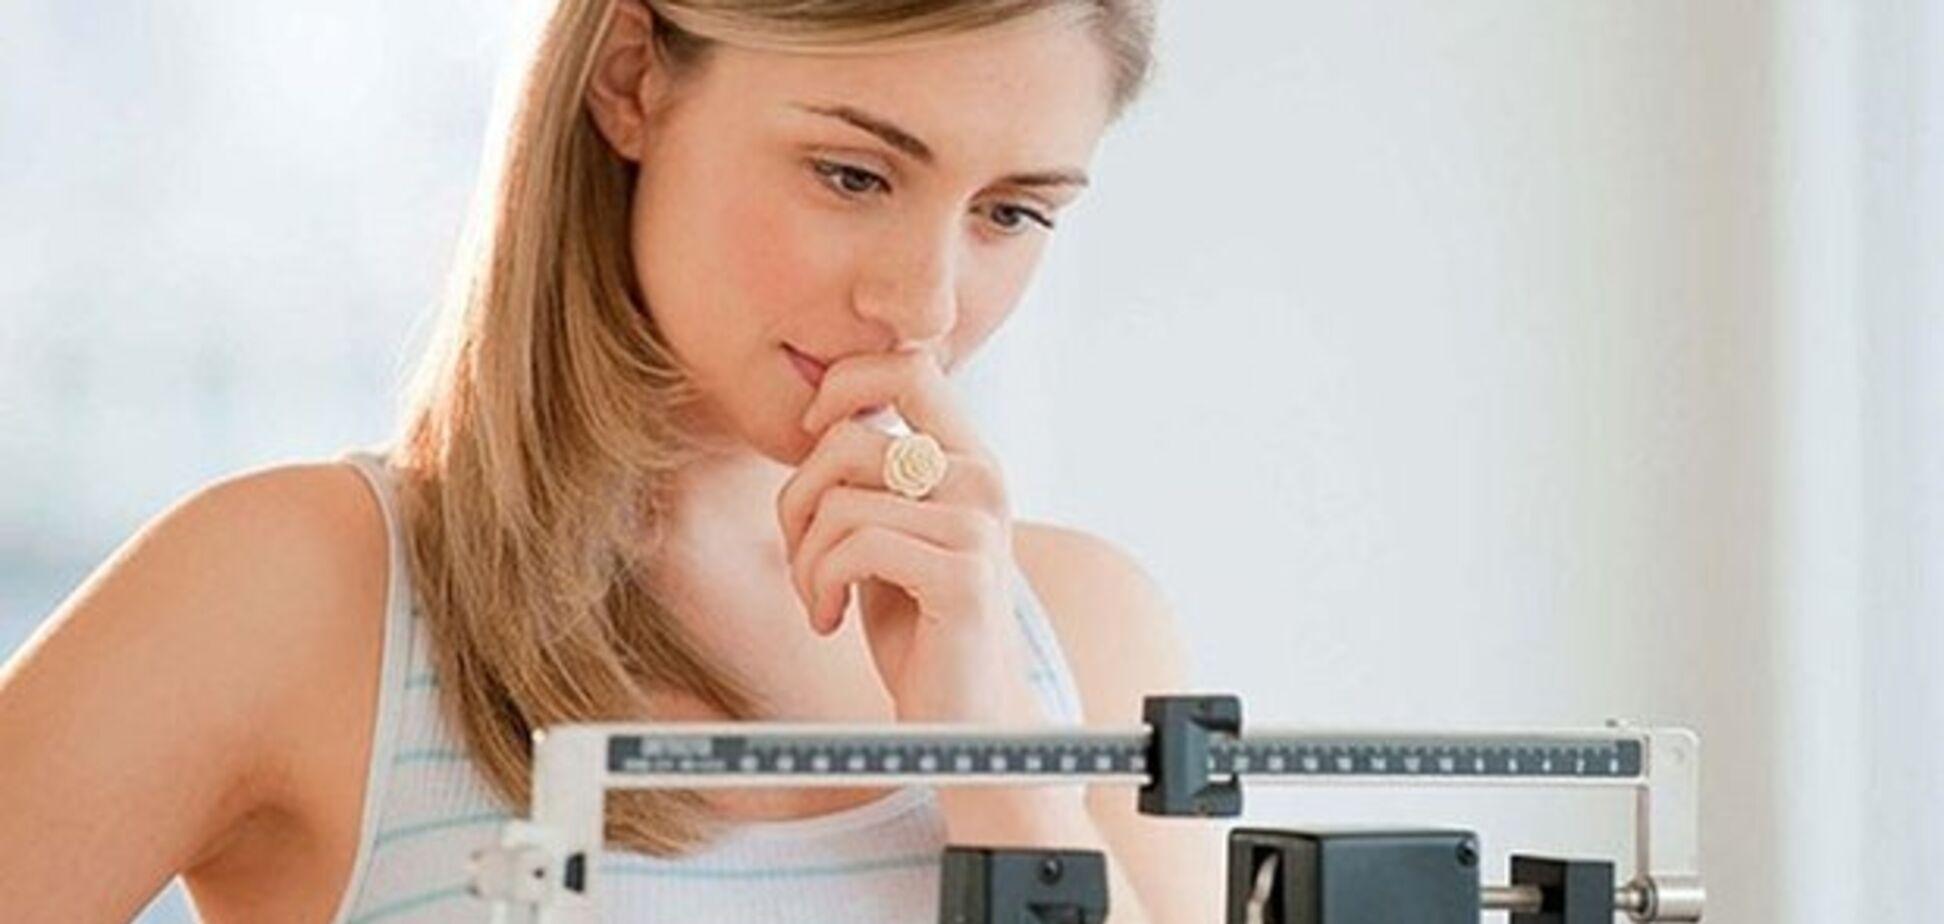 Як схуднути без дієт і спортзалу: поради експерта